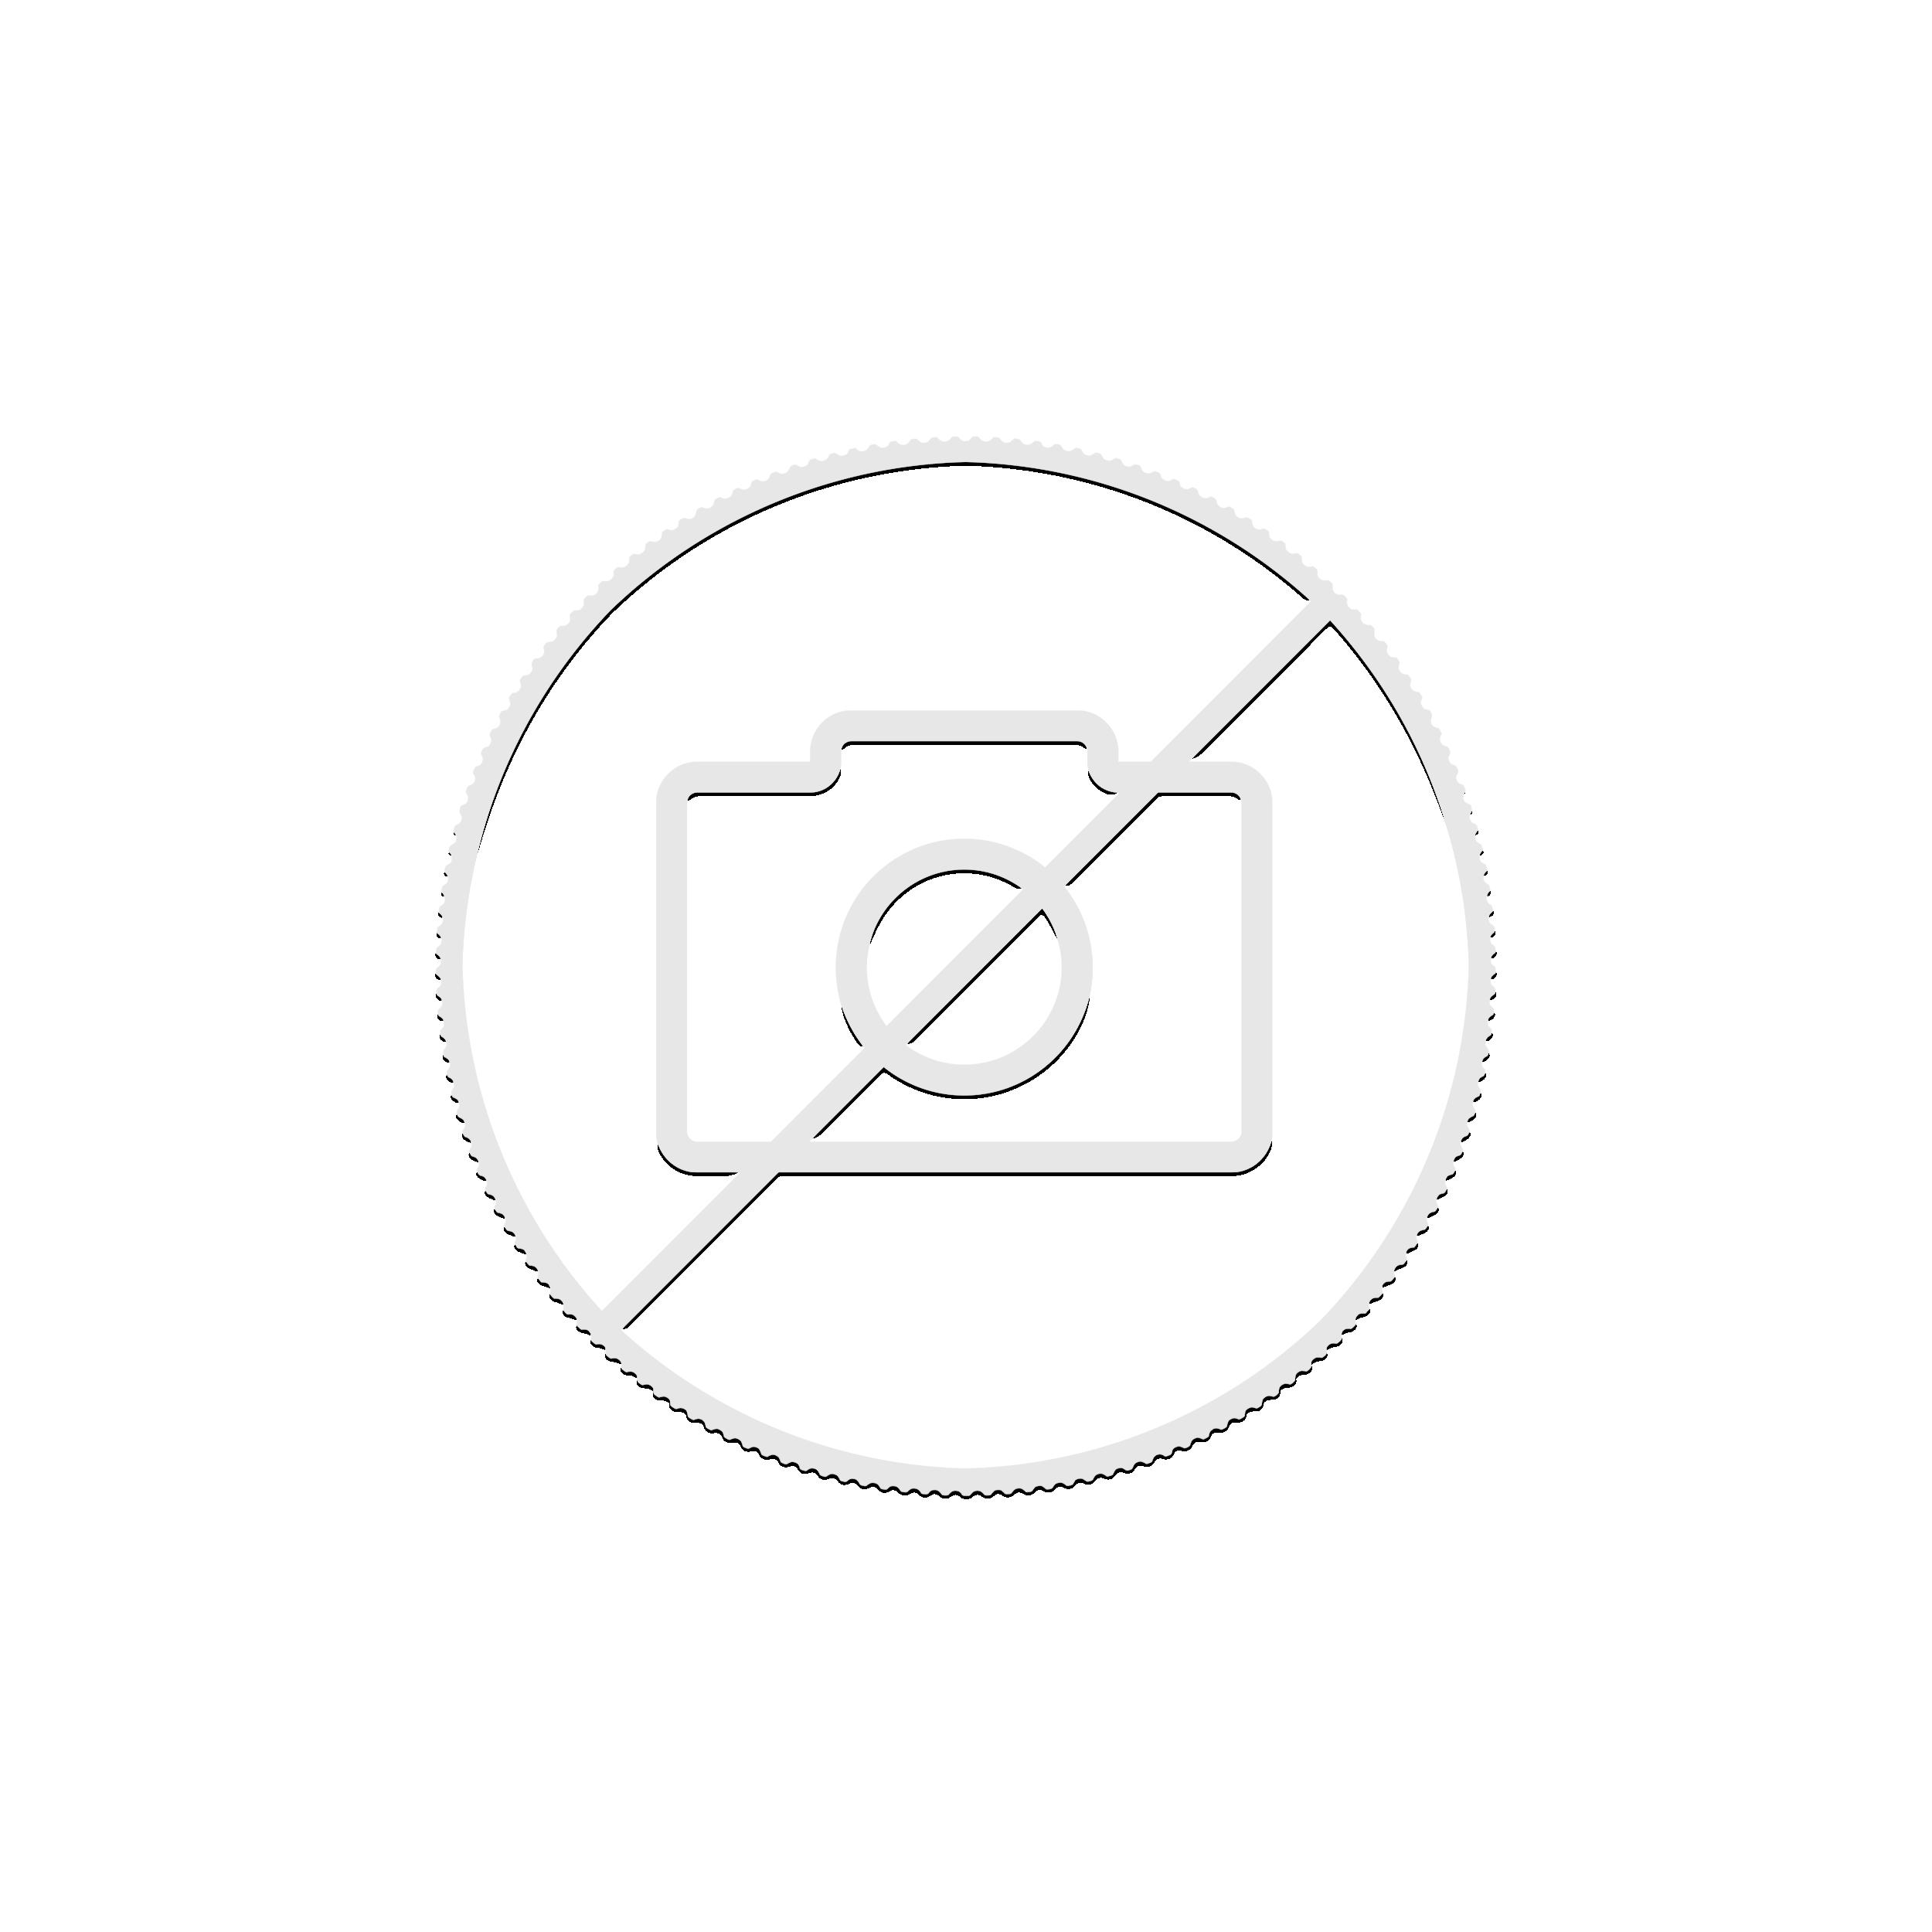 1 Kilo zilveren munt Kookaburra 2007